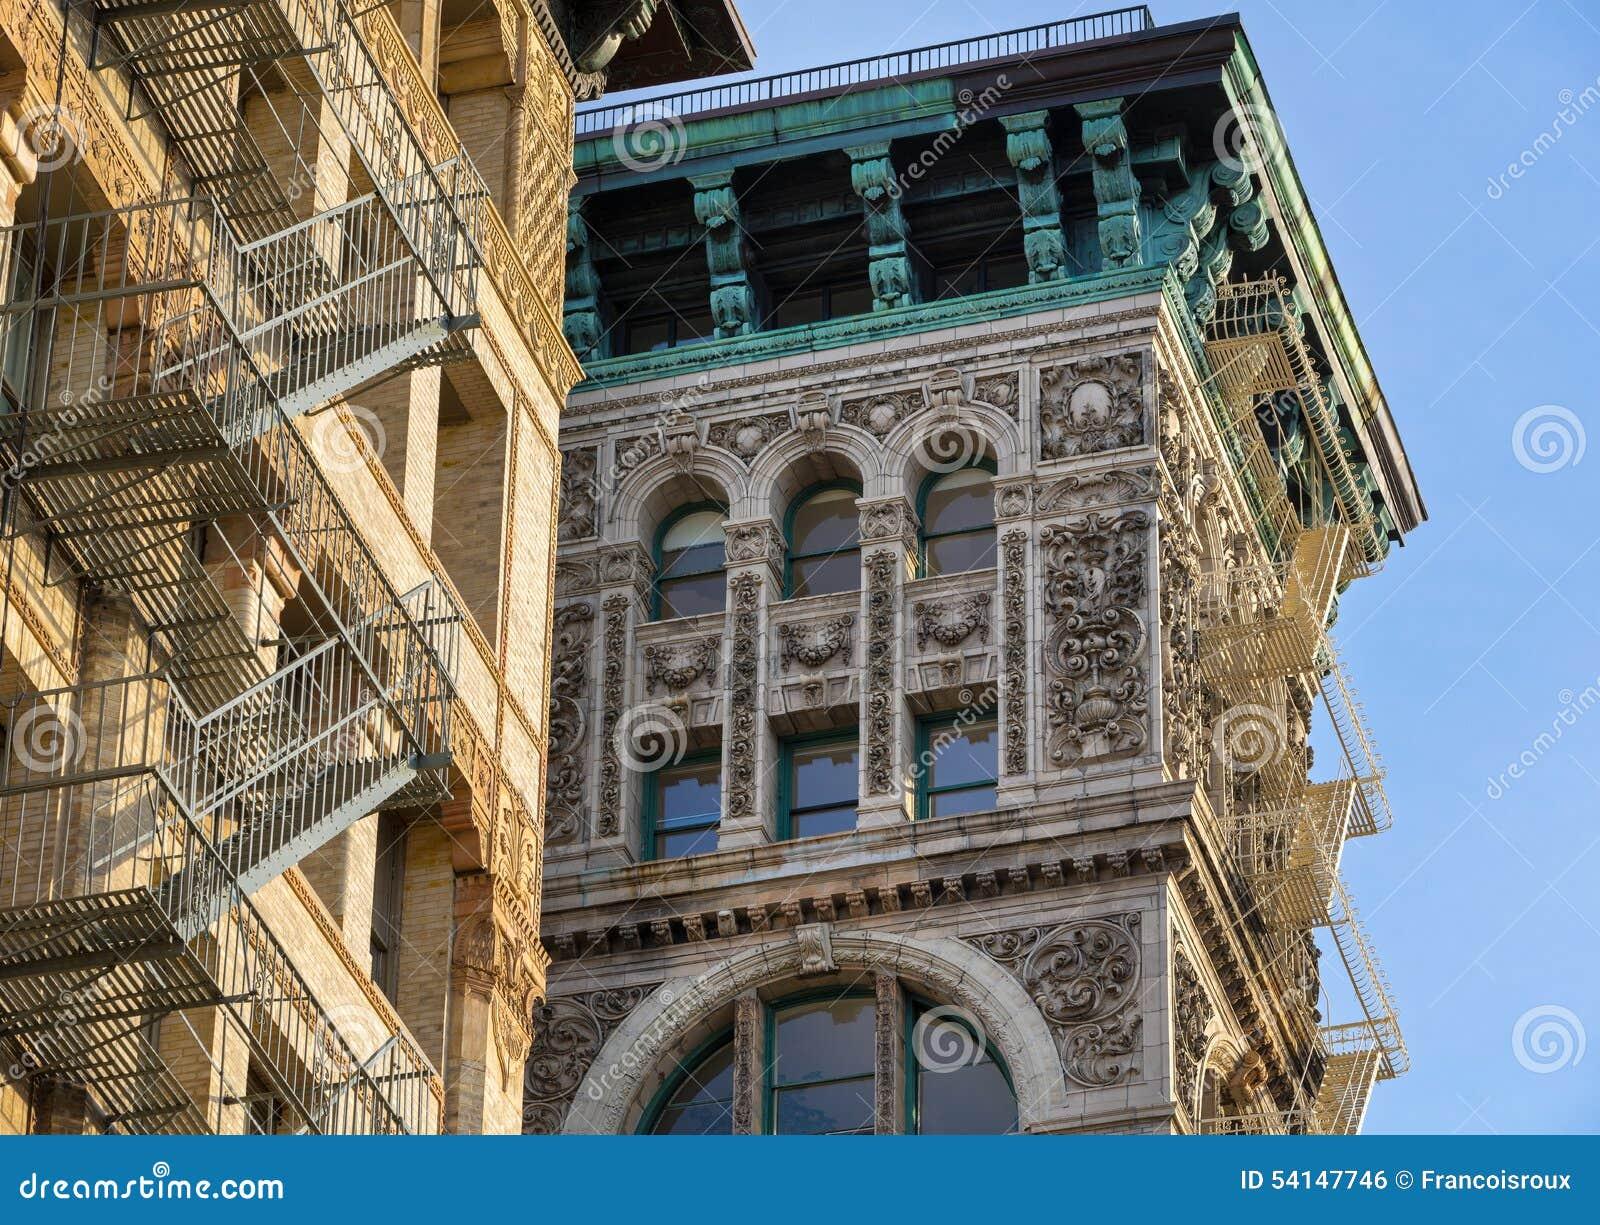 Architectural Ornament And Copper Cornice, Building Facade